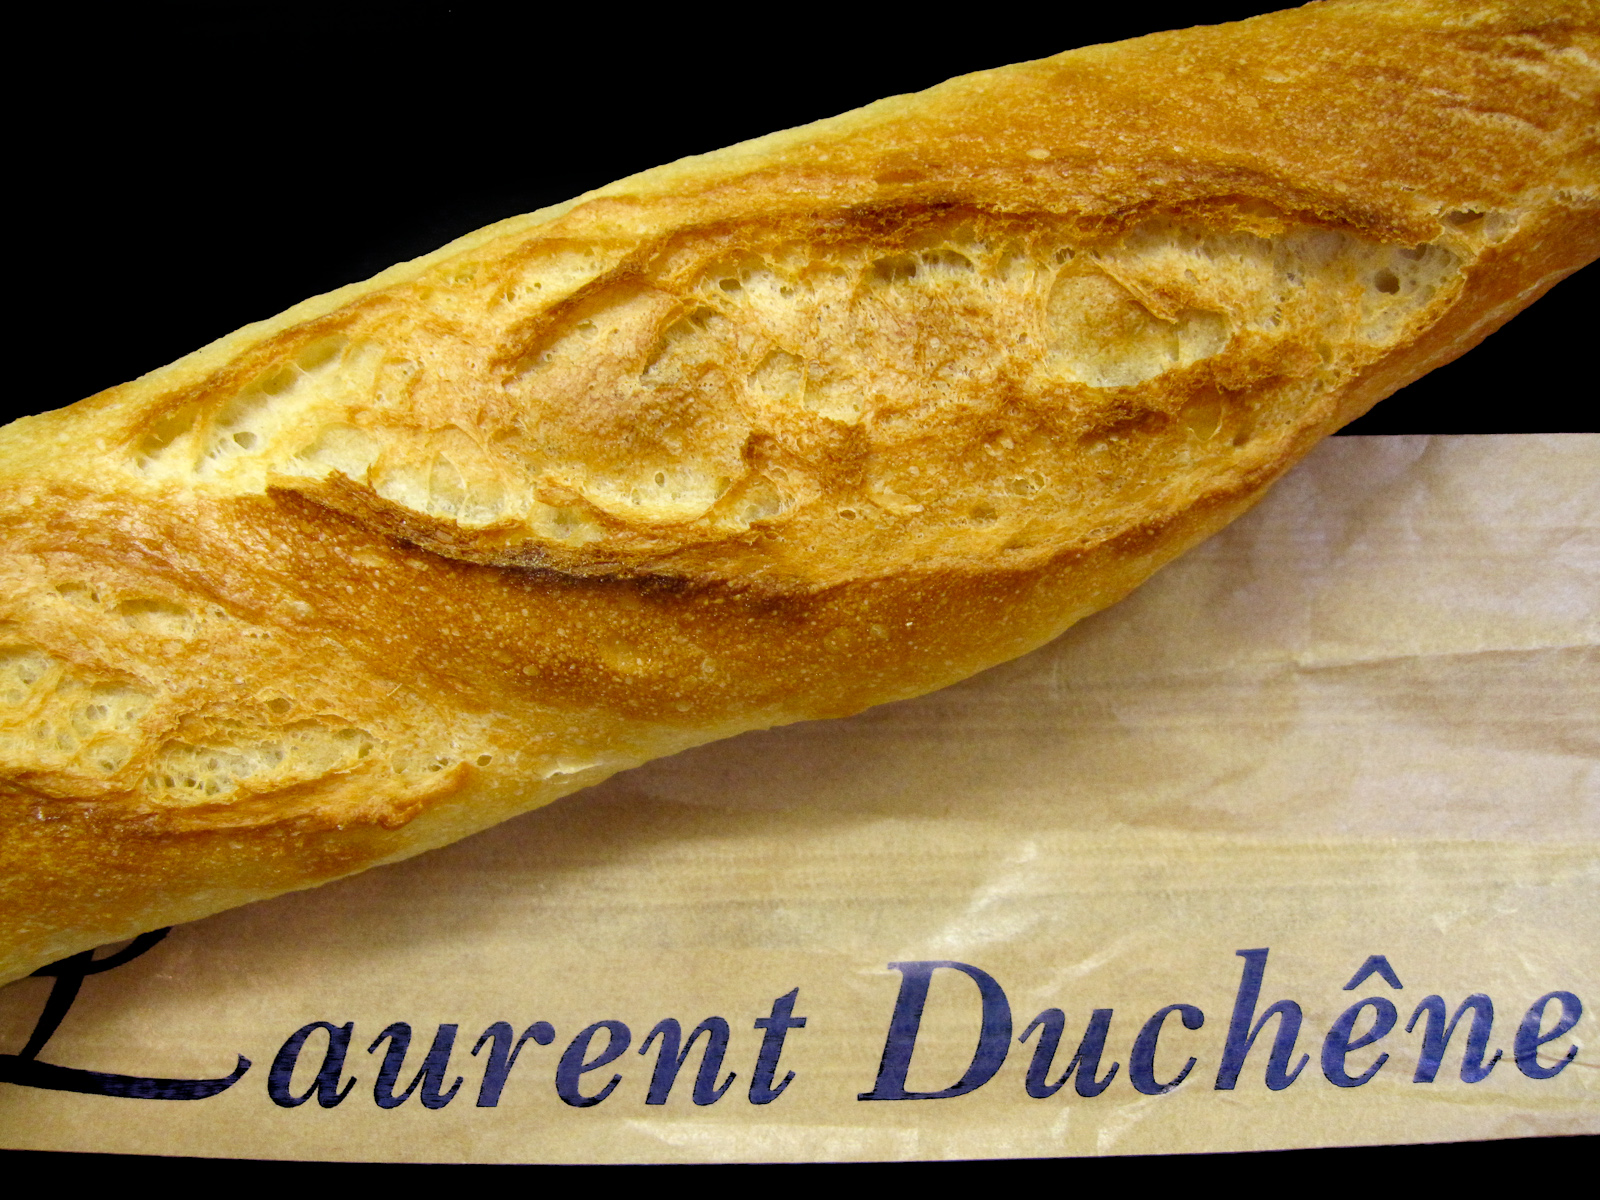 Laurent Duch�ne - Baguette Exterior